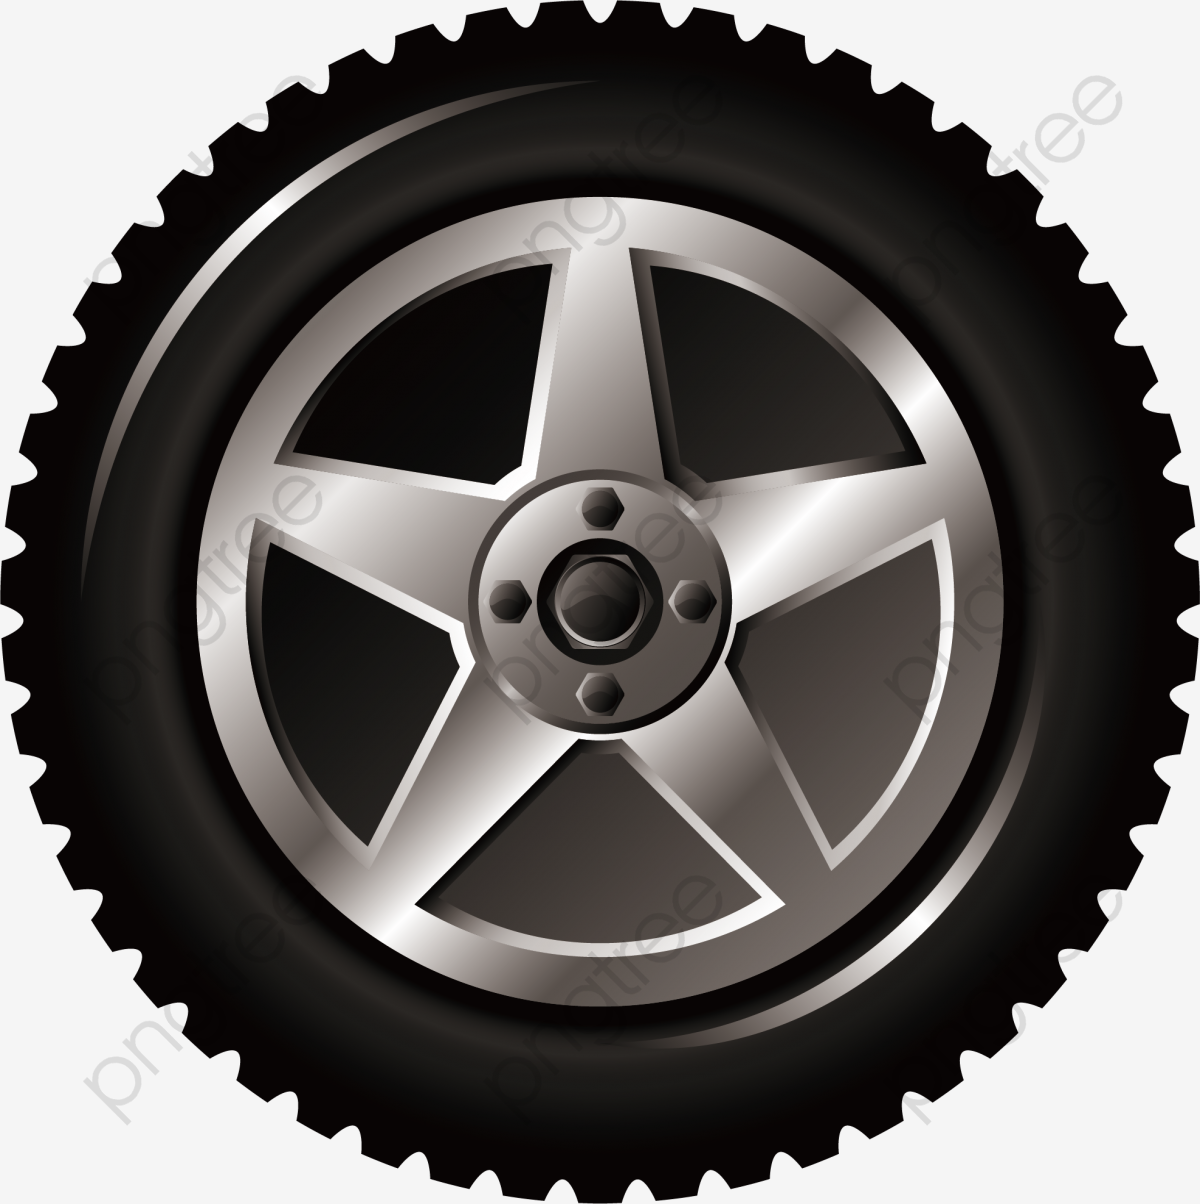 preto de pneus pe u00e7as a roda a estrutura do carro png e